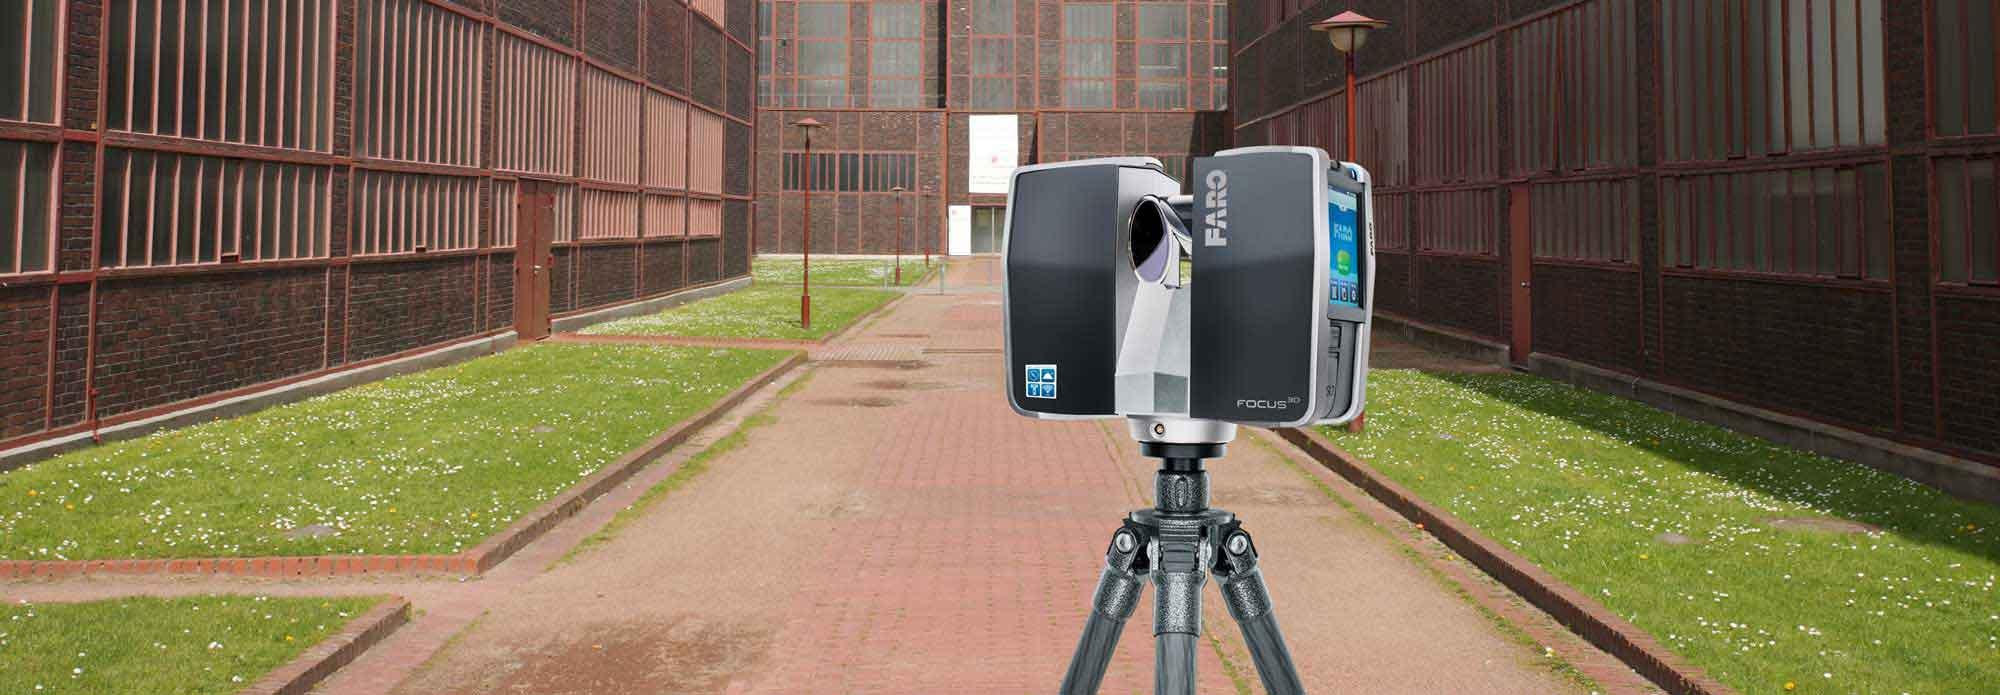 De voordelen van 3D laserscannen